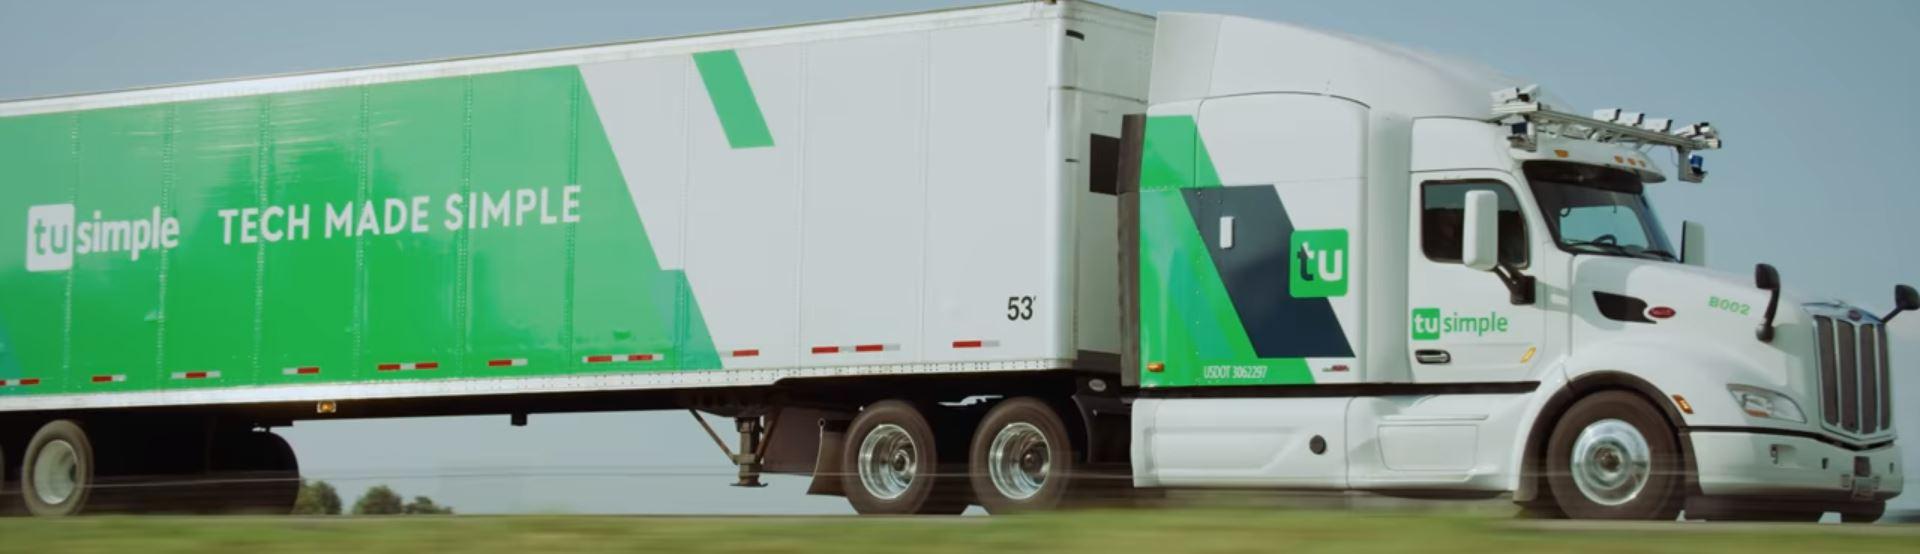 Успешное испытание автономного грузовика от TuSimple для почтового сервиса США может повысить полезное время работы одного грузовика до 20 часов в сутки